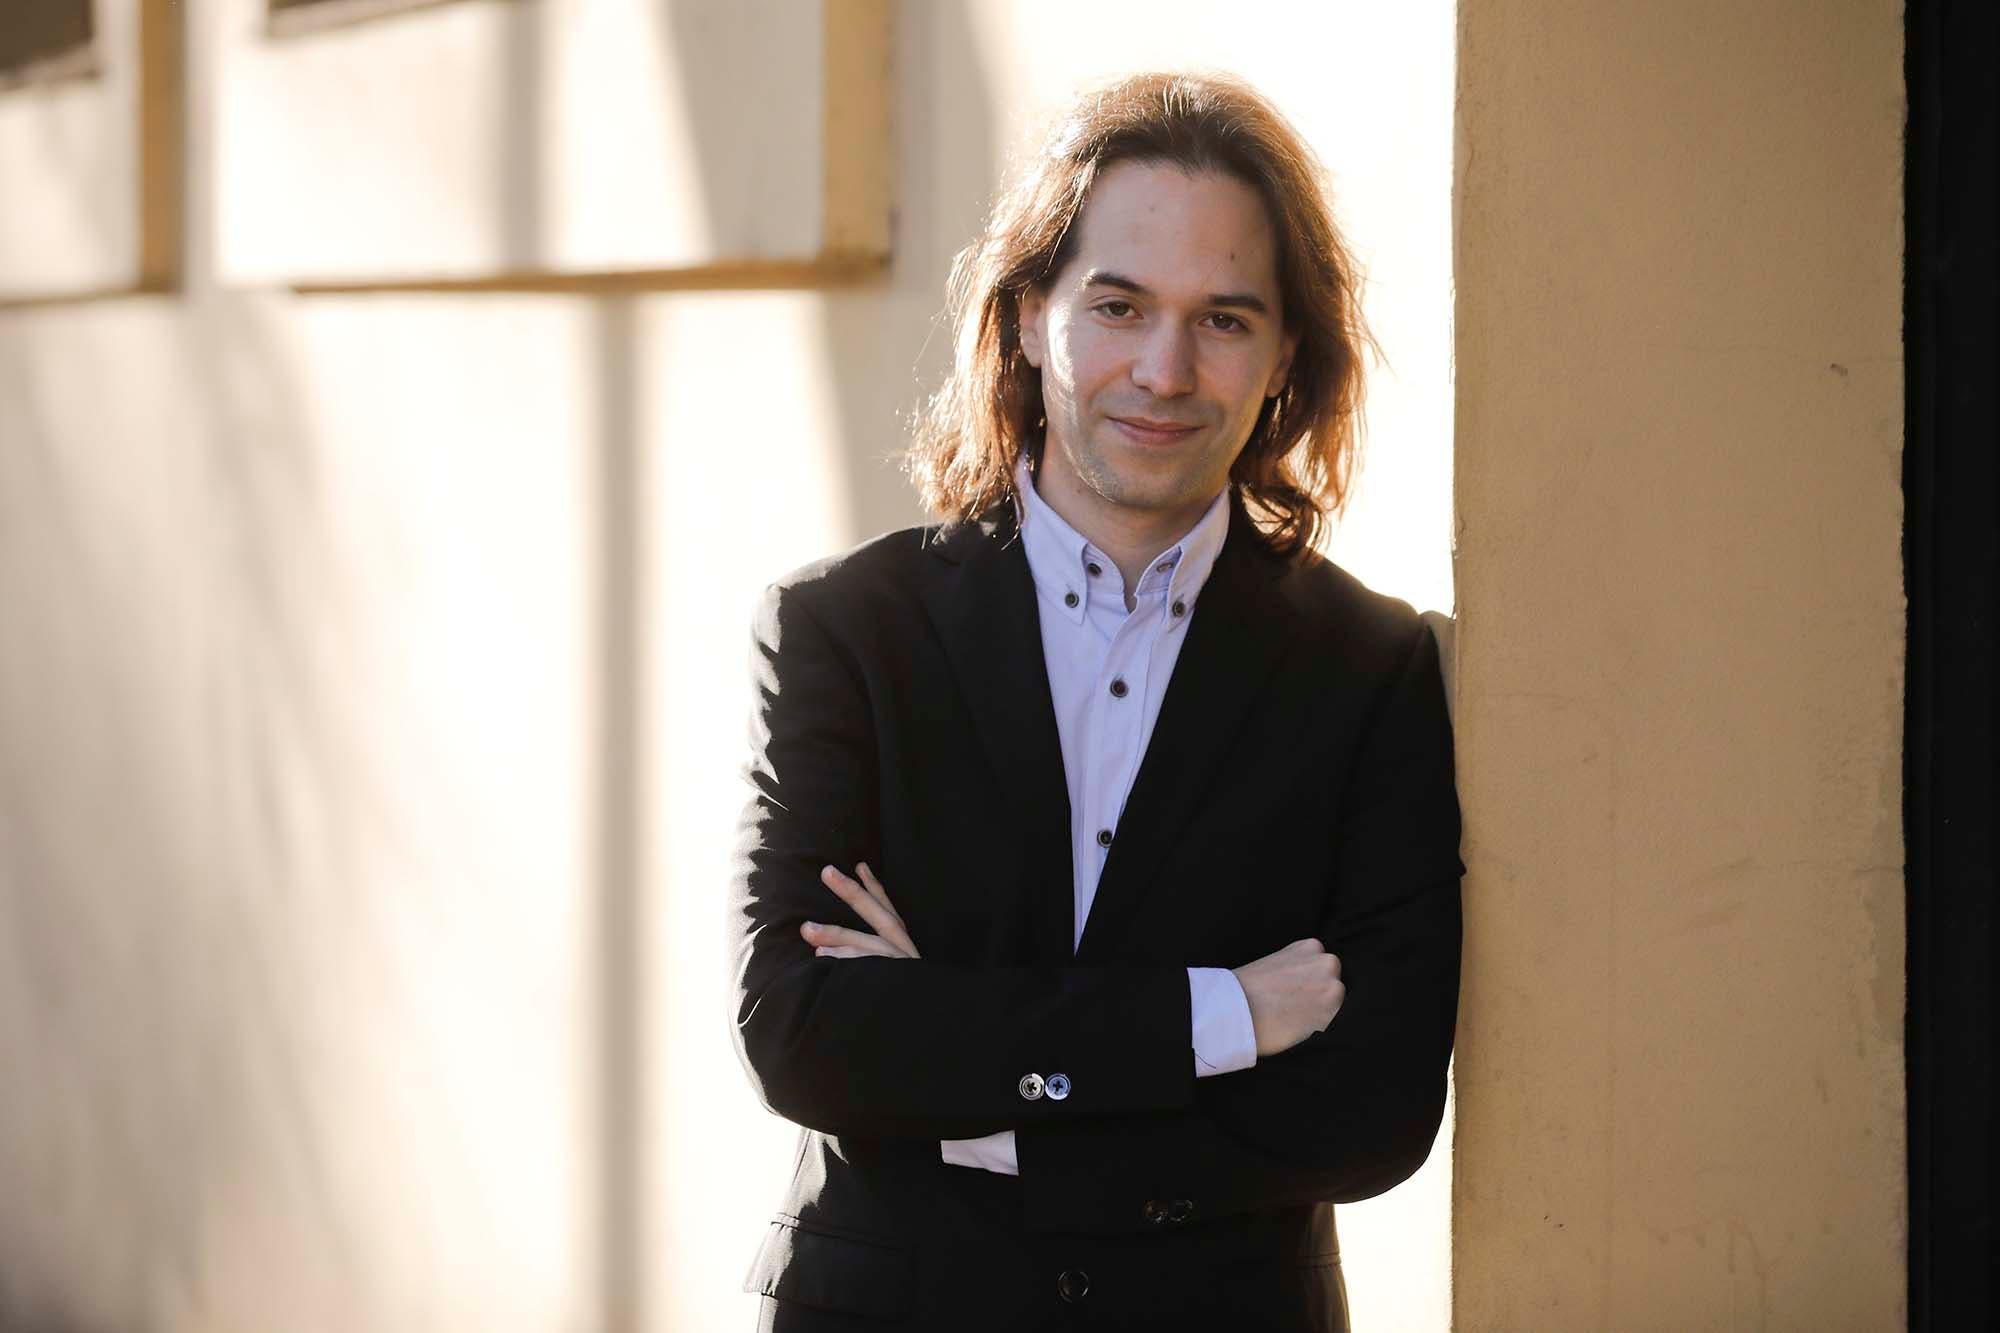 El Centro Cultural Kirchner reabre sus puertas al público con un concierto del pianista Horacio Lavandera